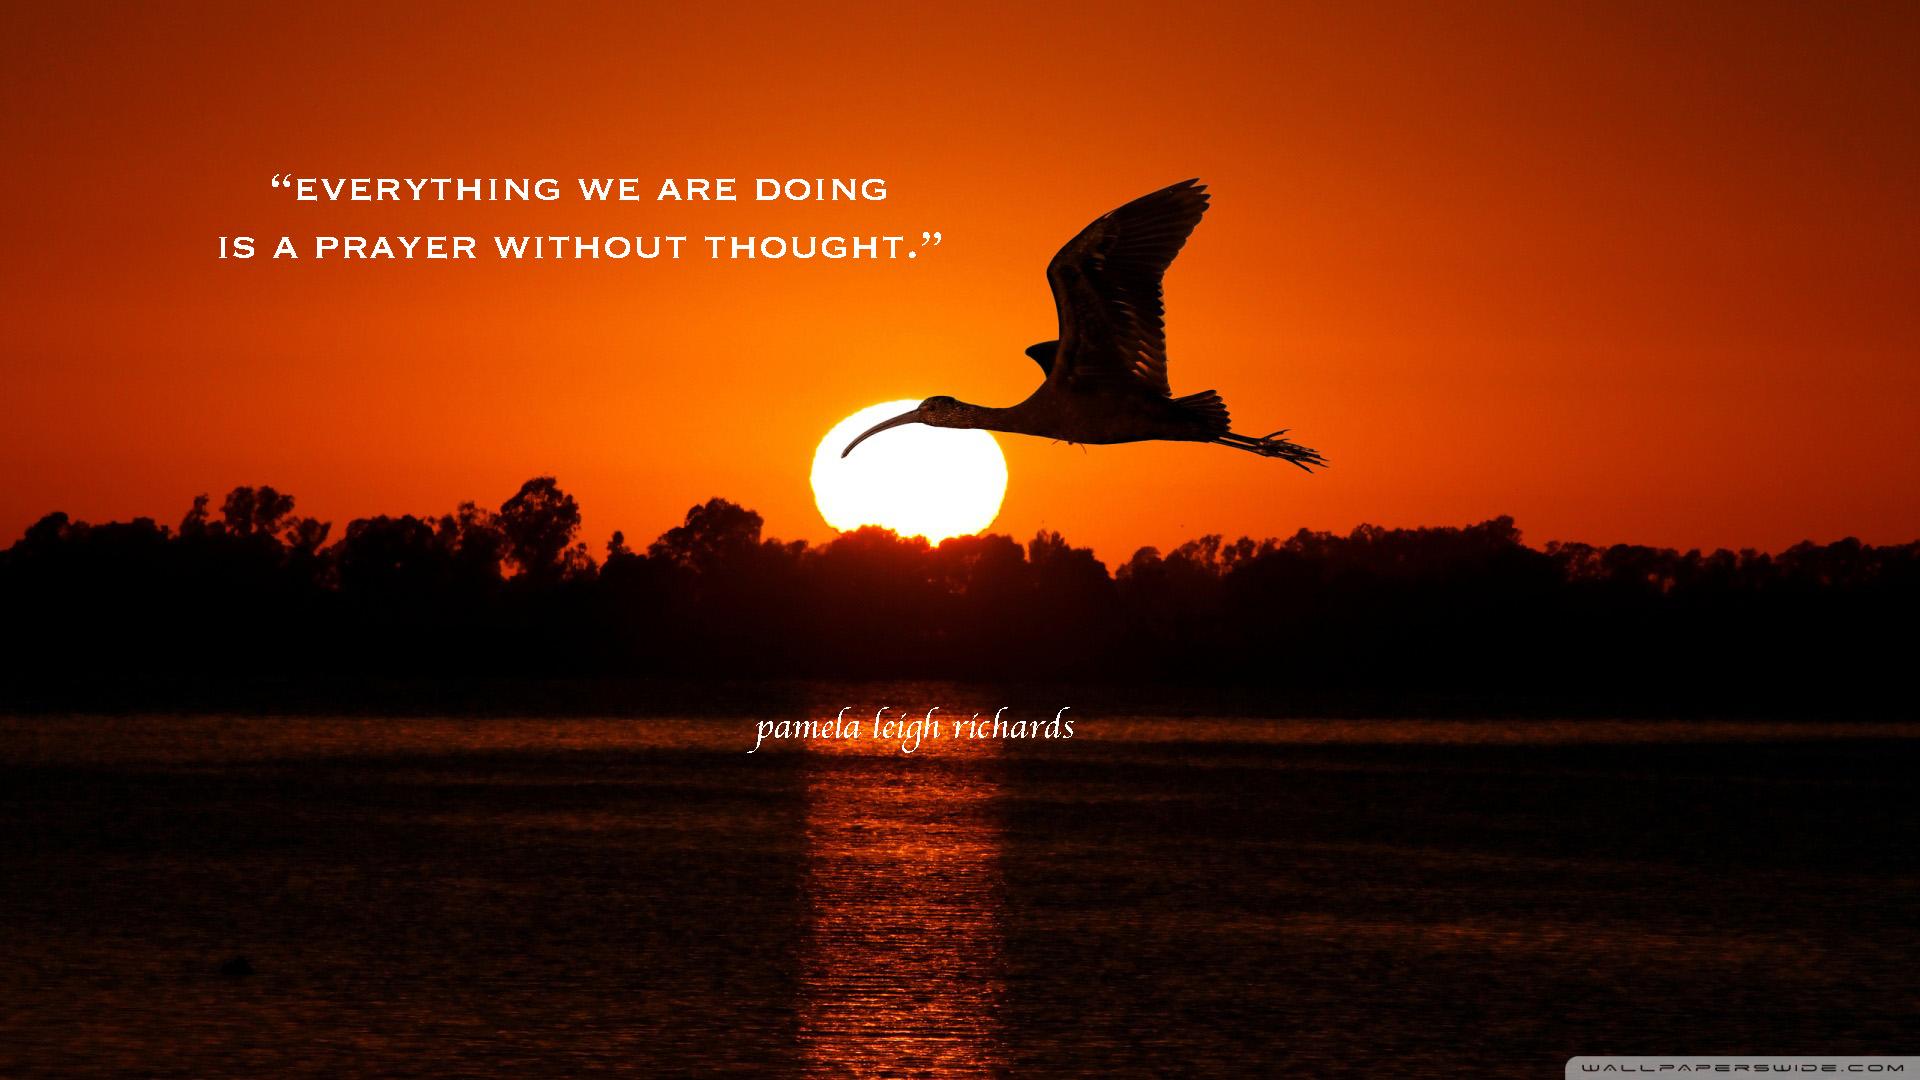 Bird-flying-sunset-pamela-quote.jpg